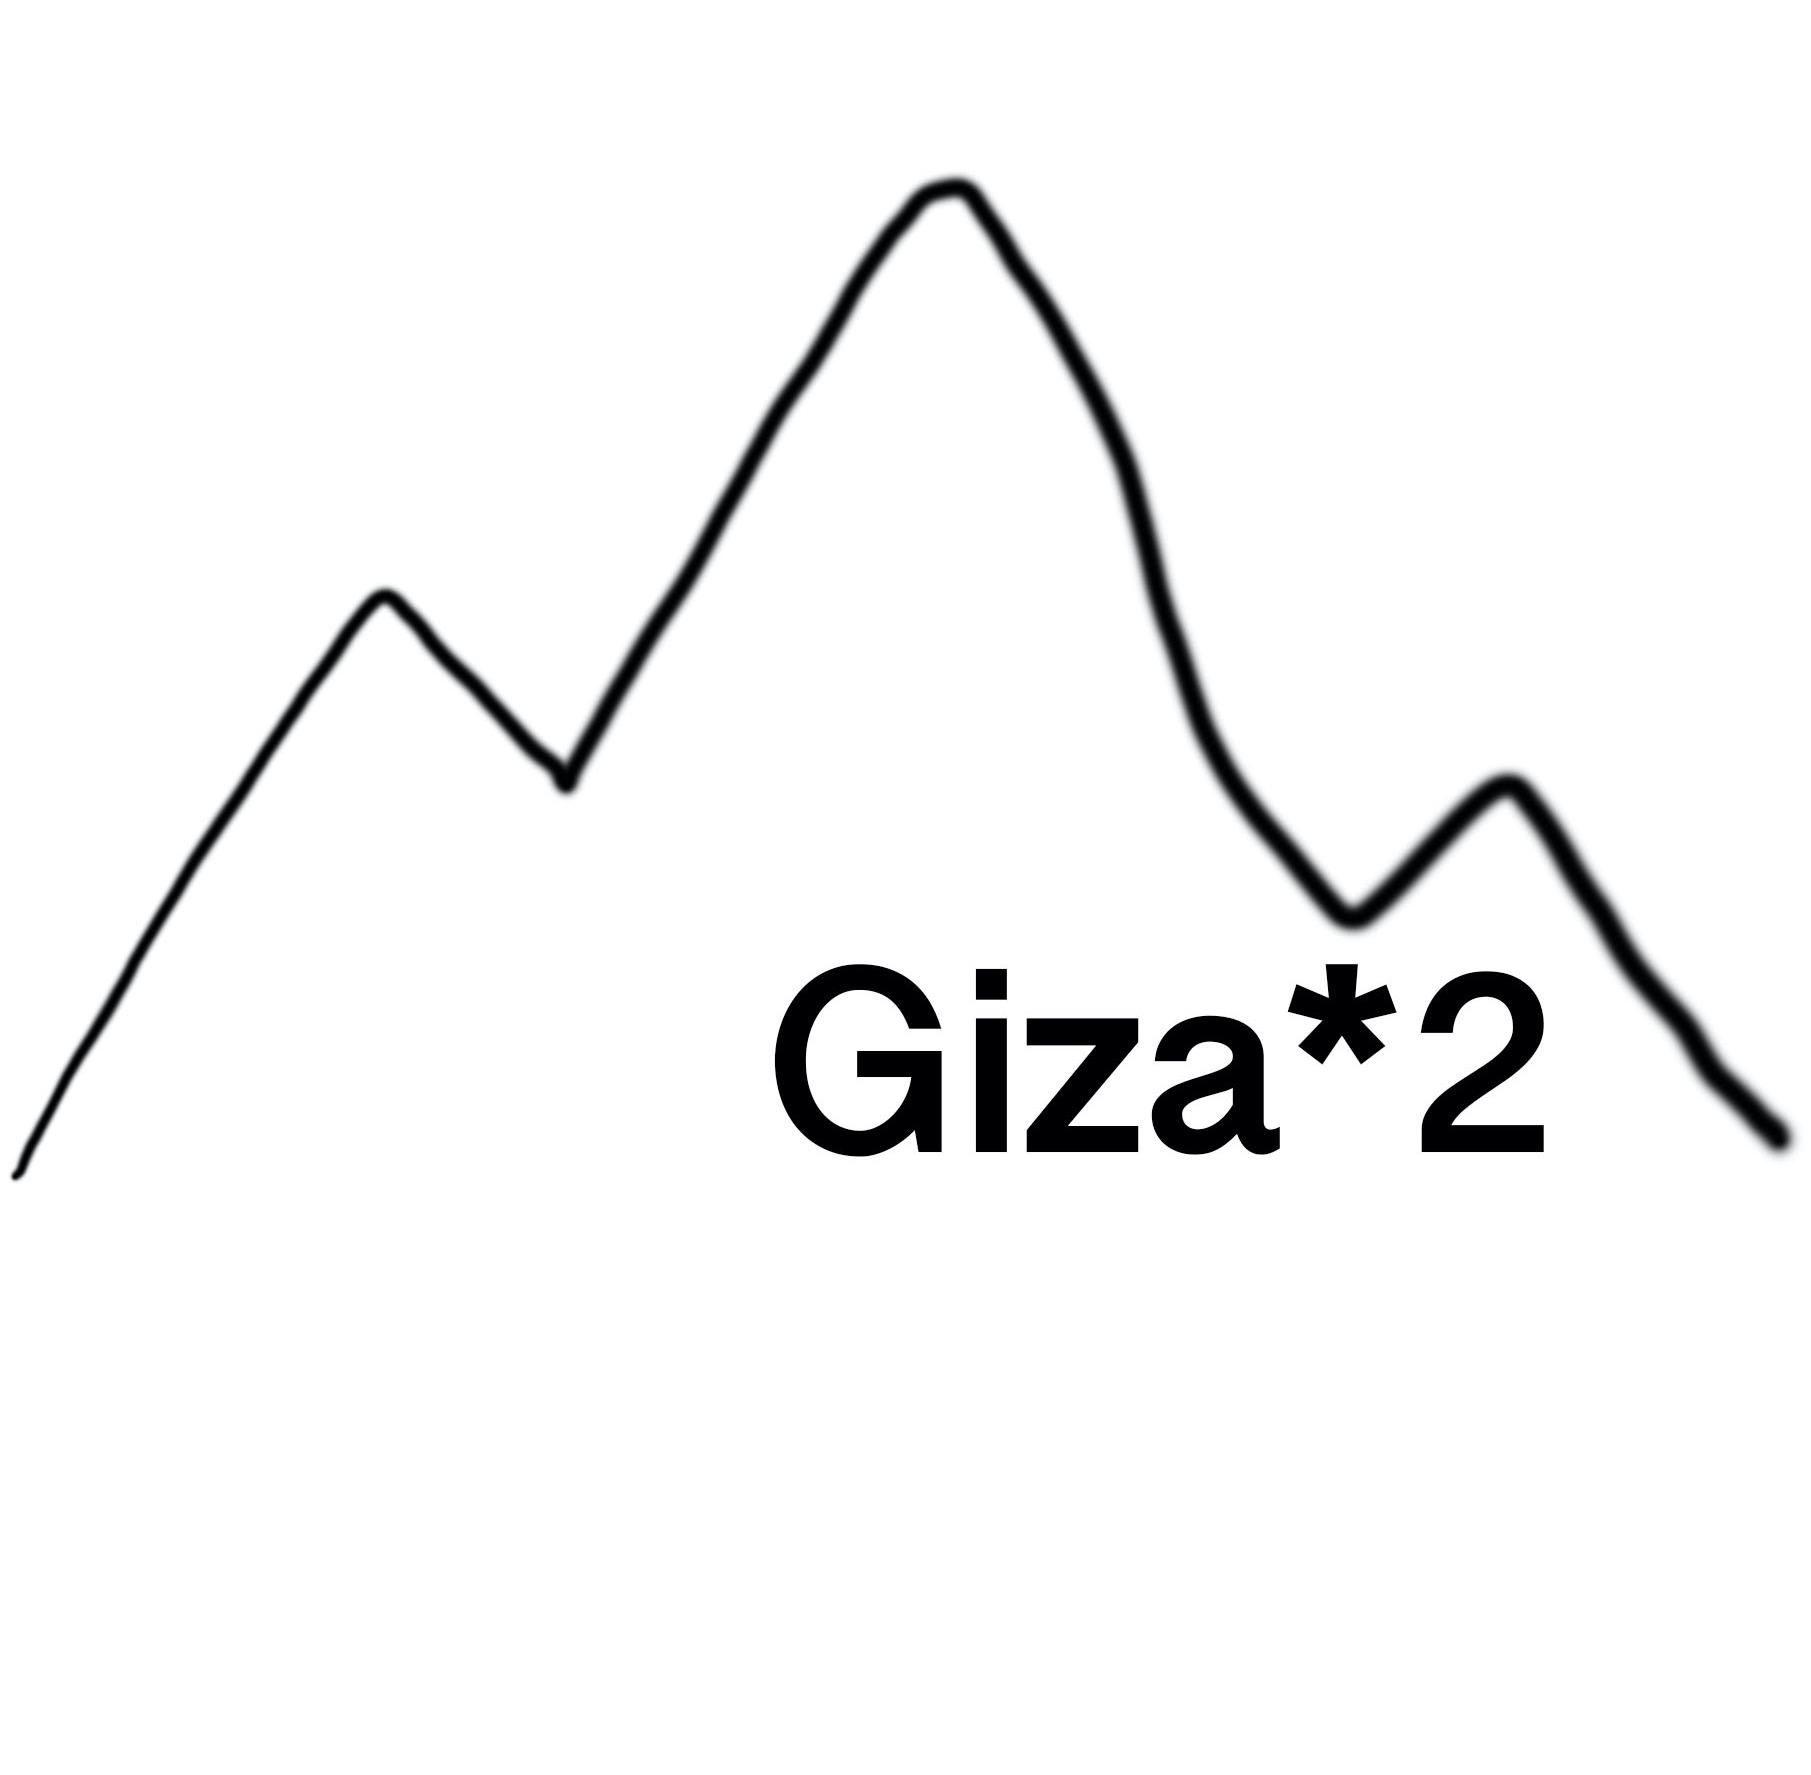 gizagiza